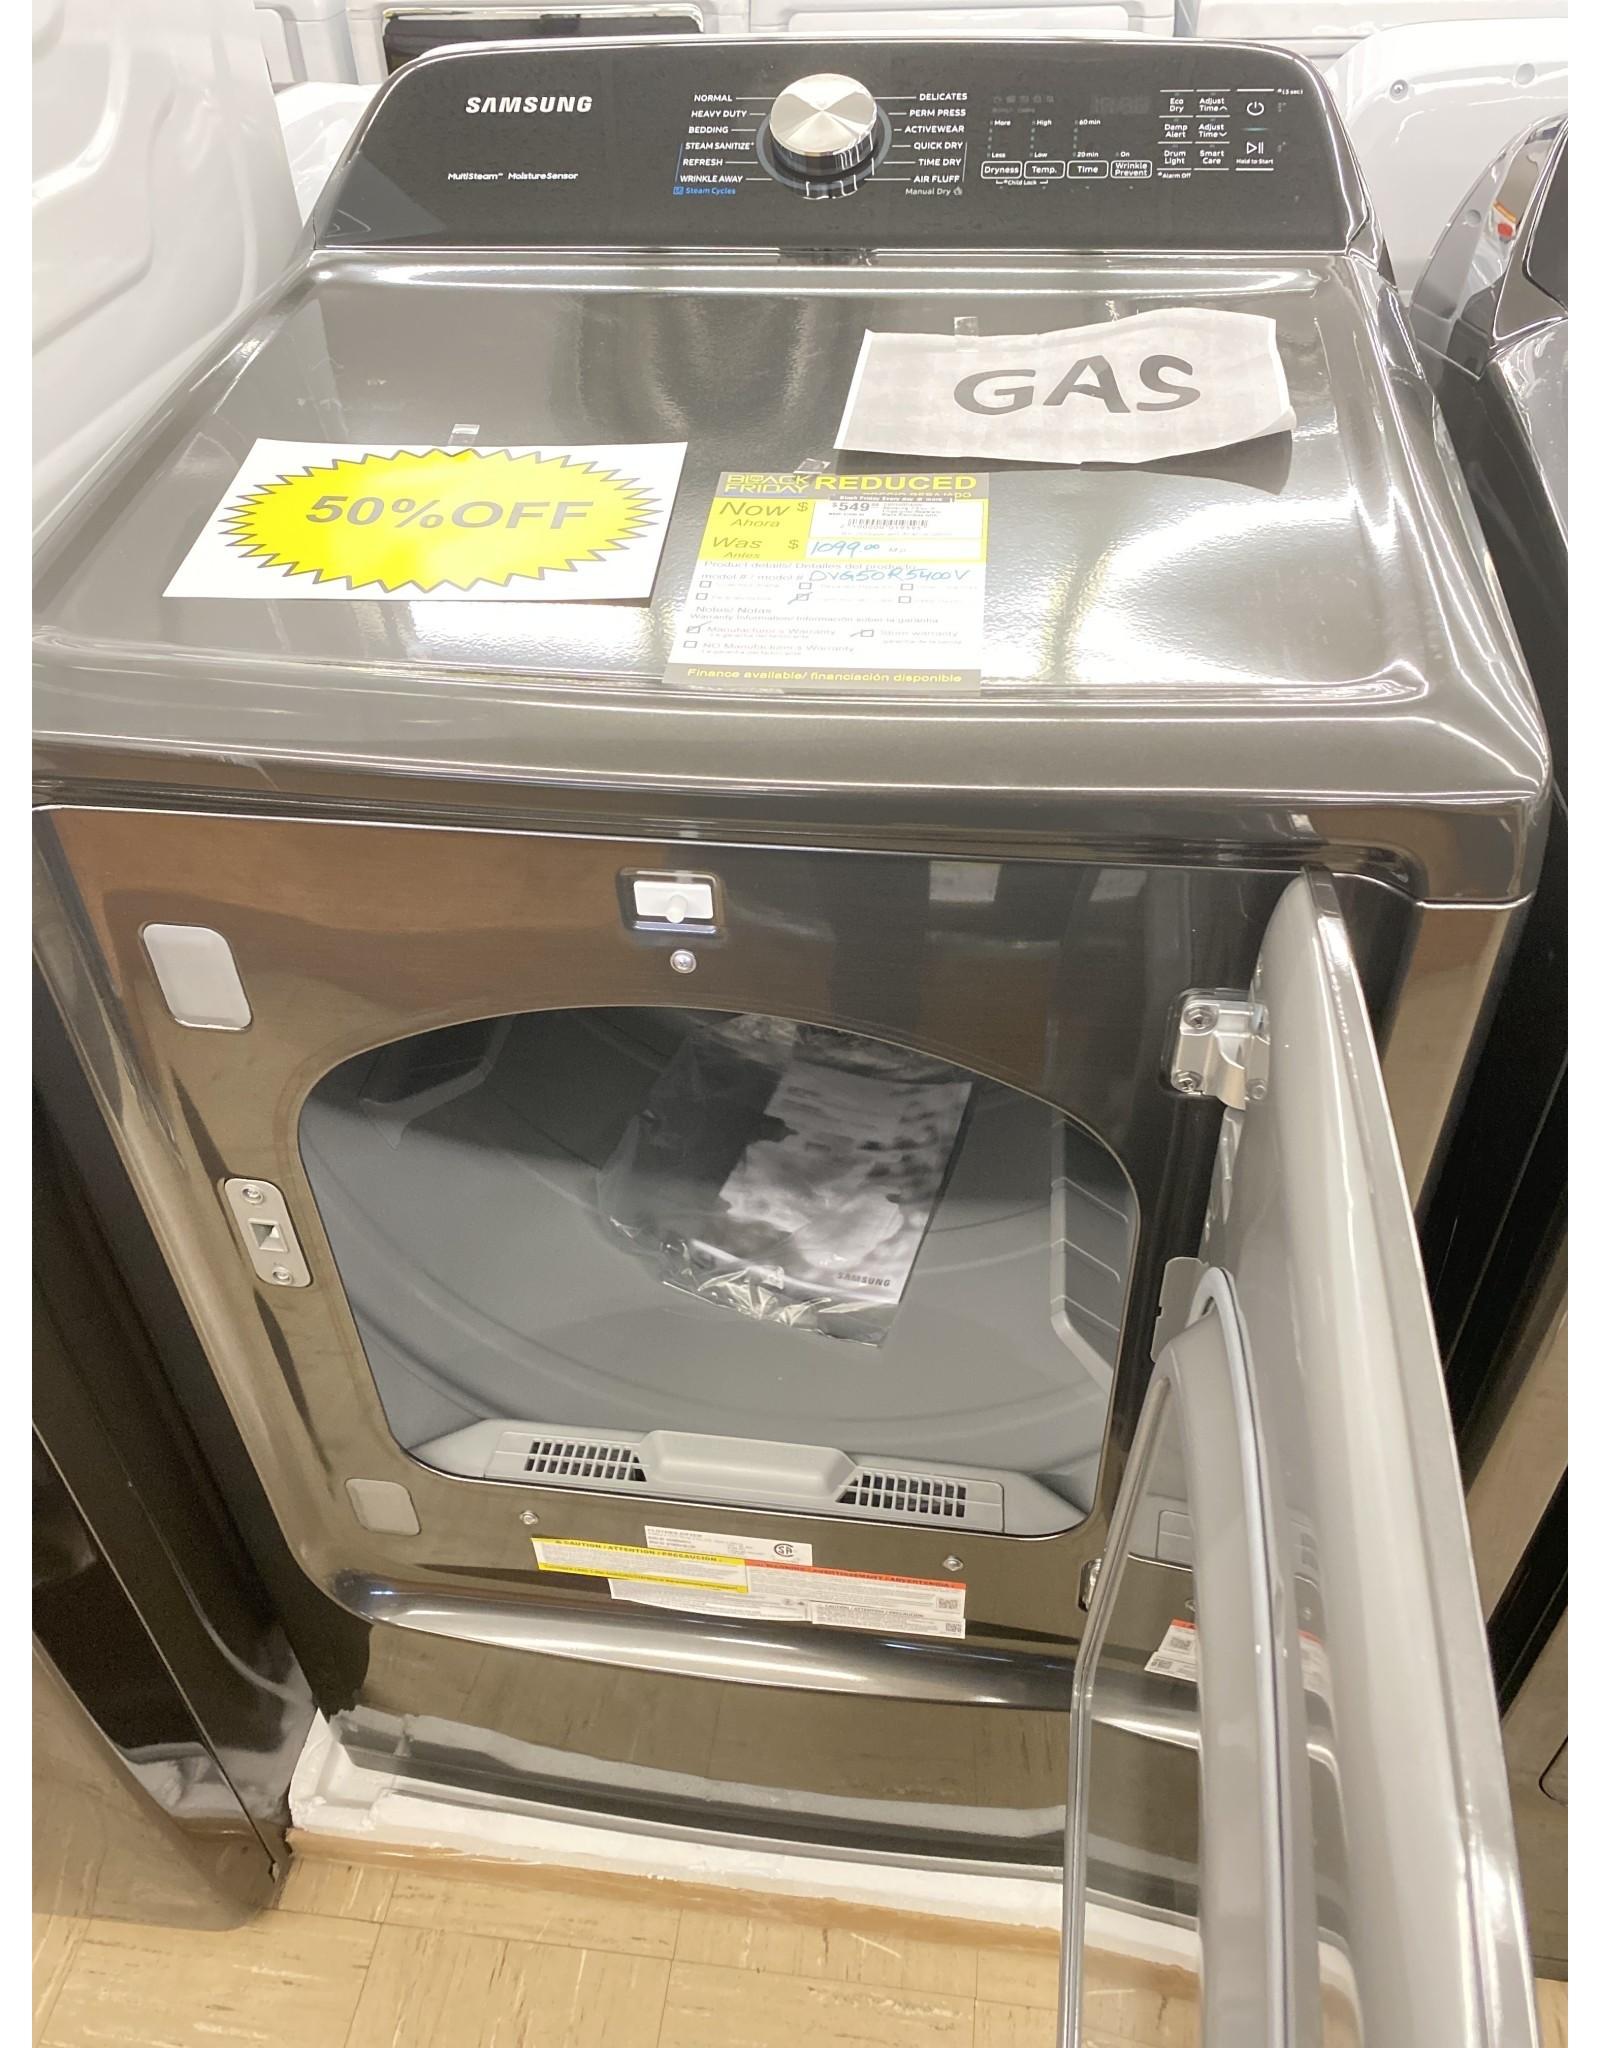 SAMSUNG DVG50R5400V Samsung 7.4 cu. ft. Fingerprint Resistant Black Stainless with Steam Sanitize+